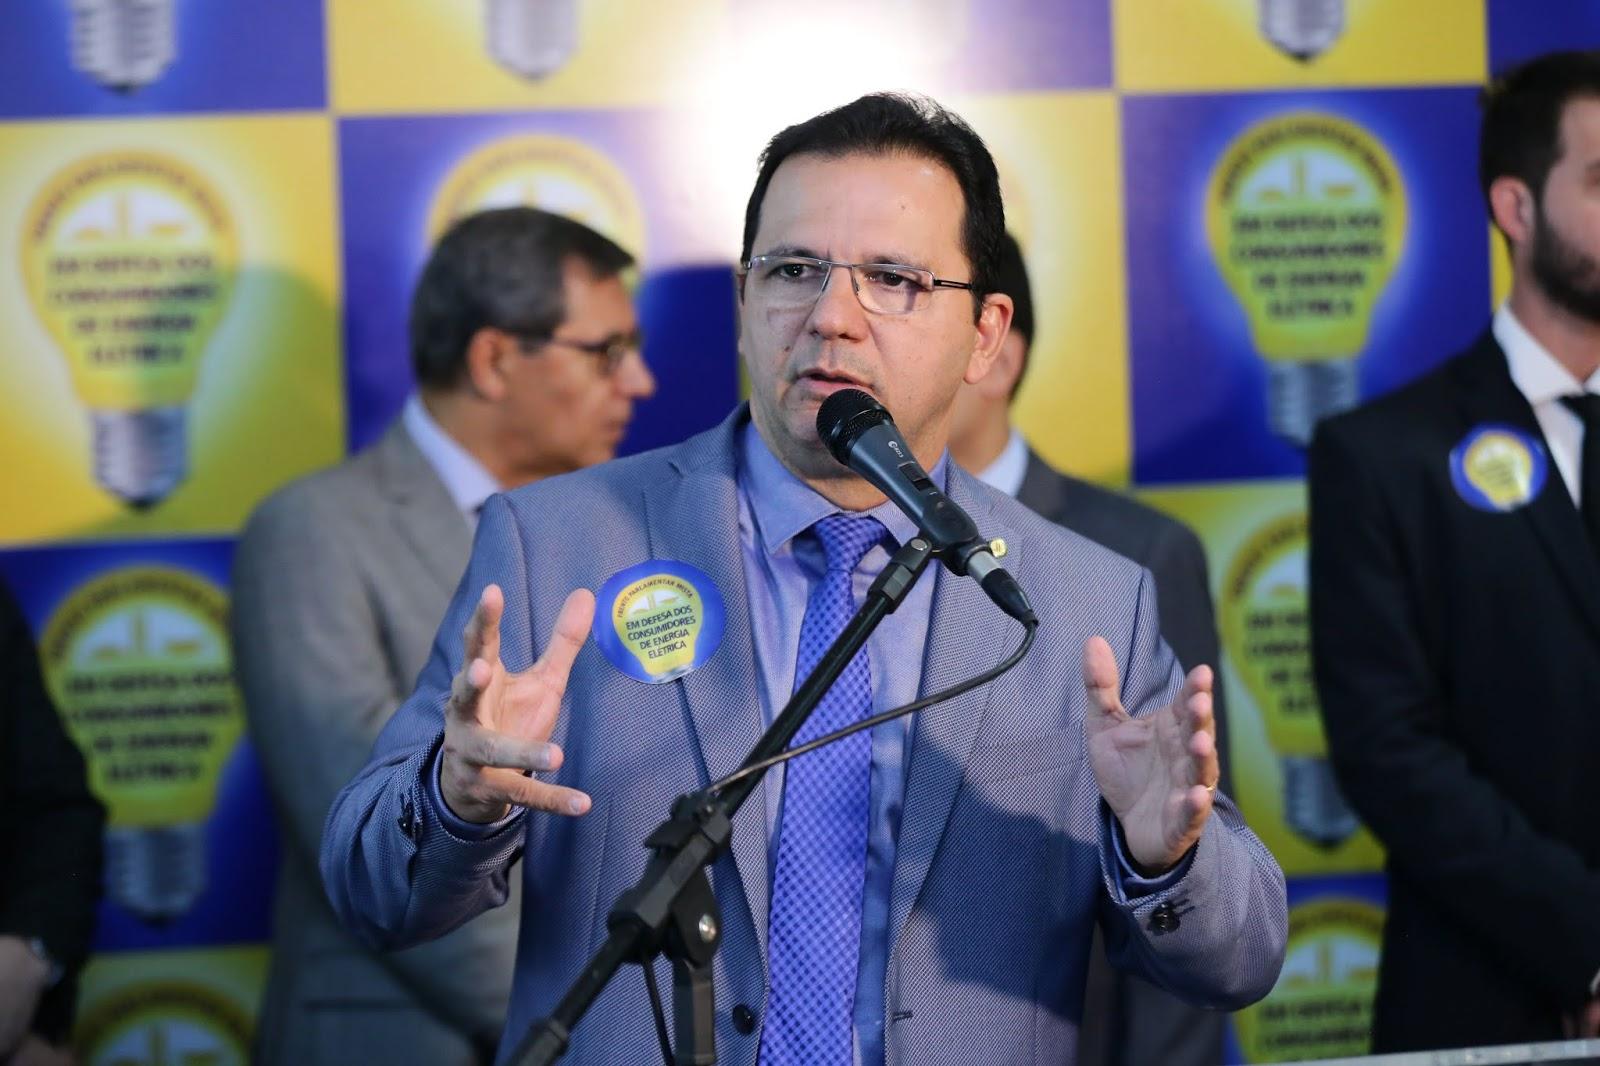 Júnior Ferrari é apontado por site nacional o melhor deputado Pará e o 83º do país